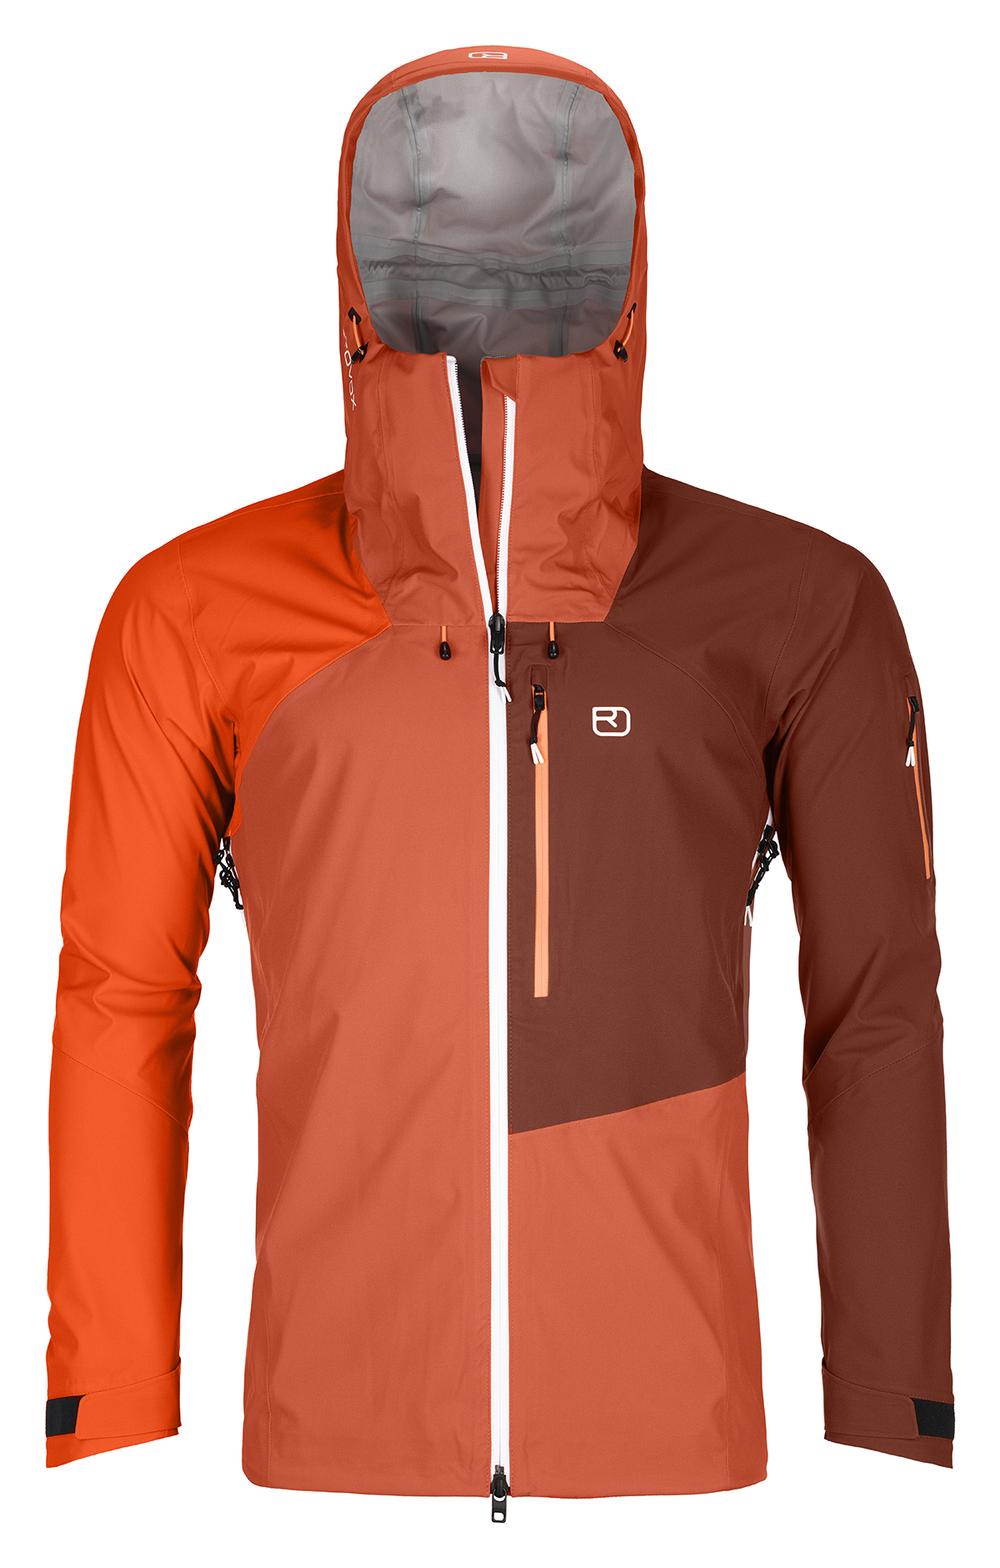 Ortovox 3L Ortler Jacket